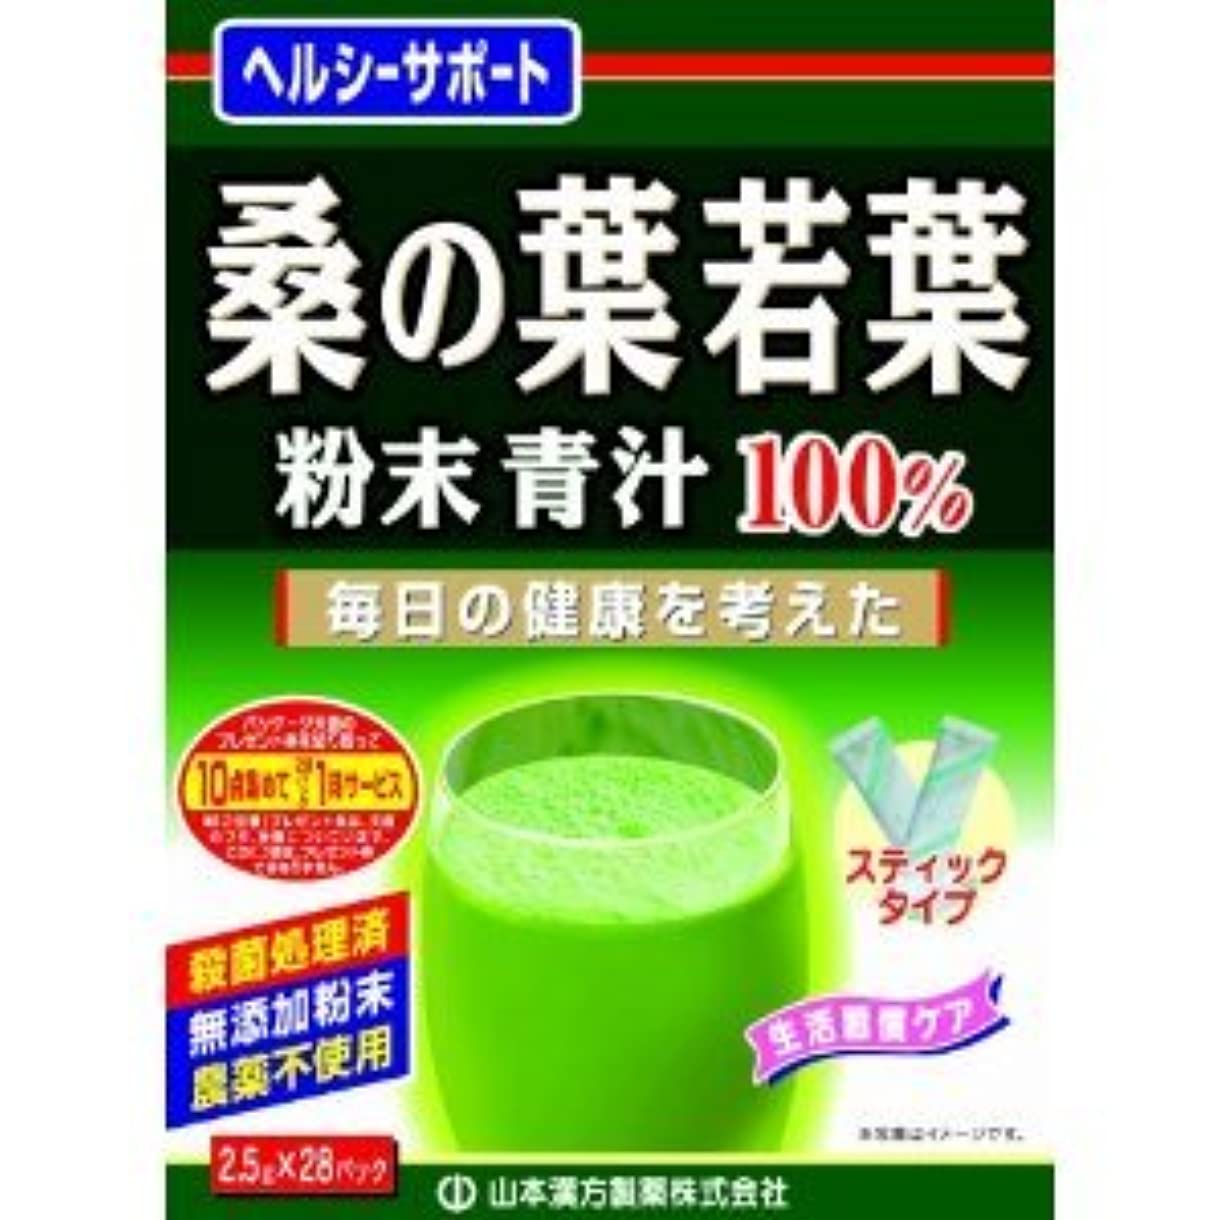 誘う引退する標準【山本漢方製薬】桑の葉粉末 スティックタイプ 2.5×28包 ×3個セット